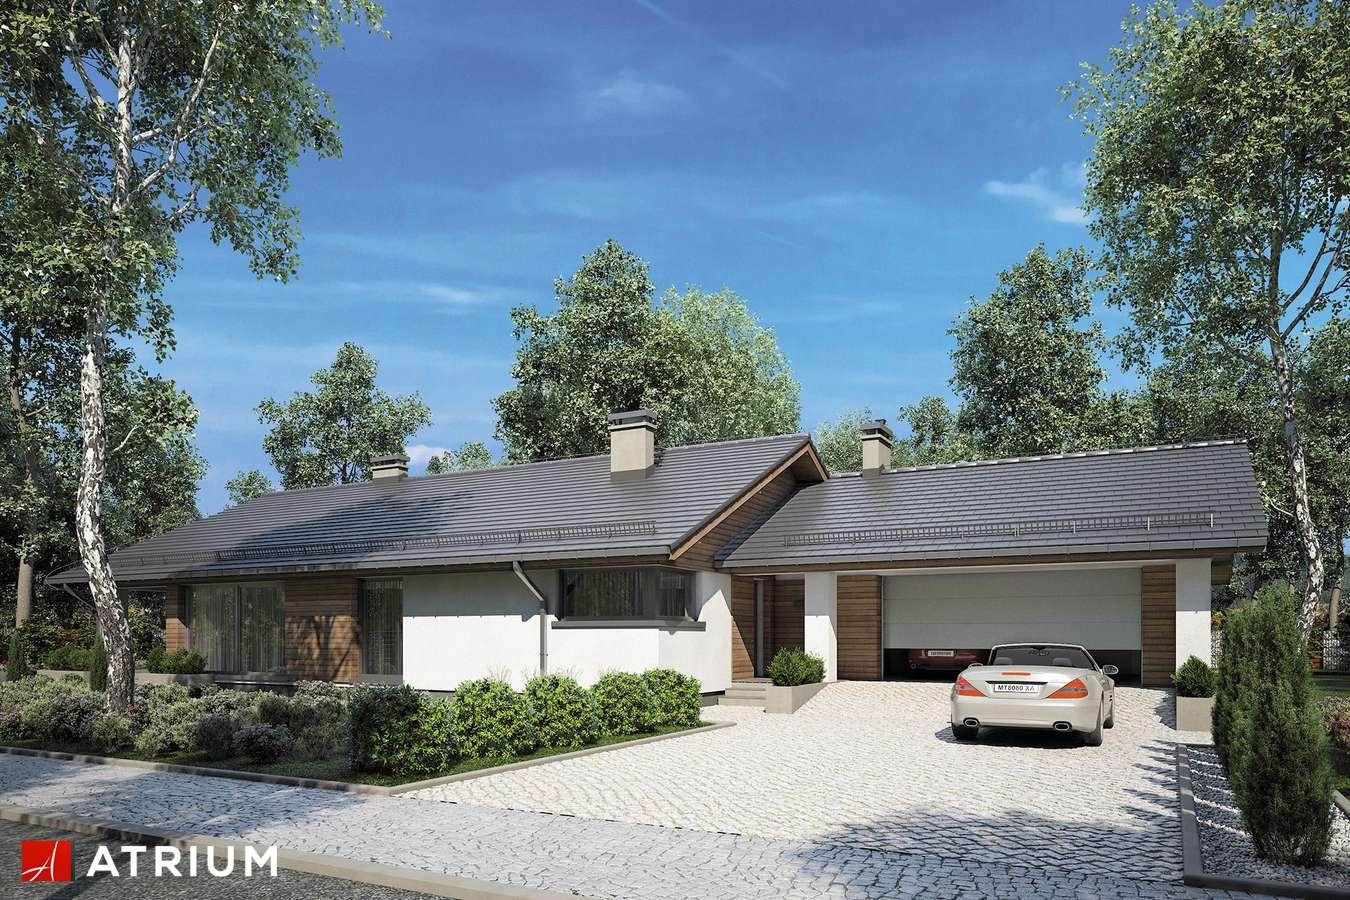 Projekty domów - Projekt domu parterowego KOS MAXI - wizualizacja 2